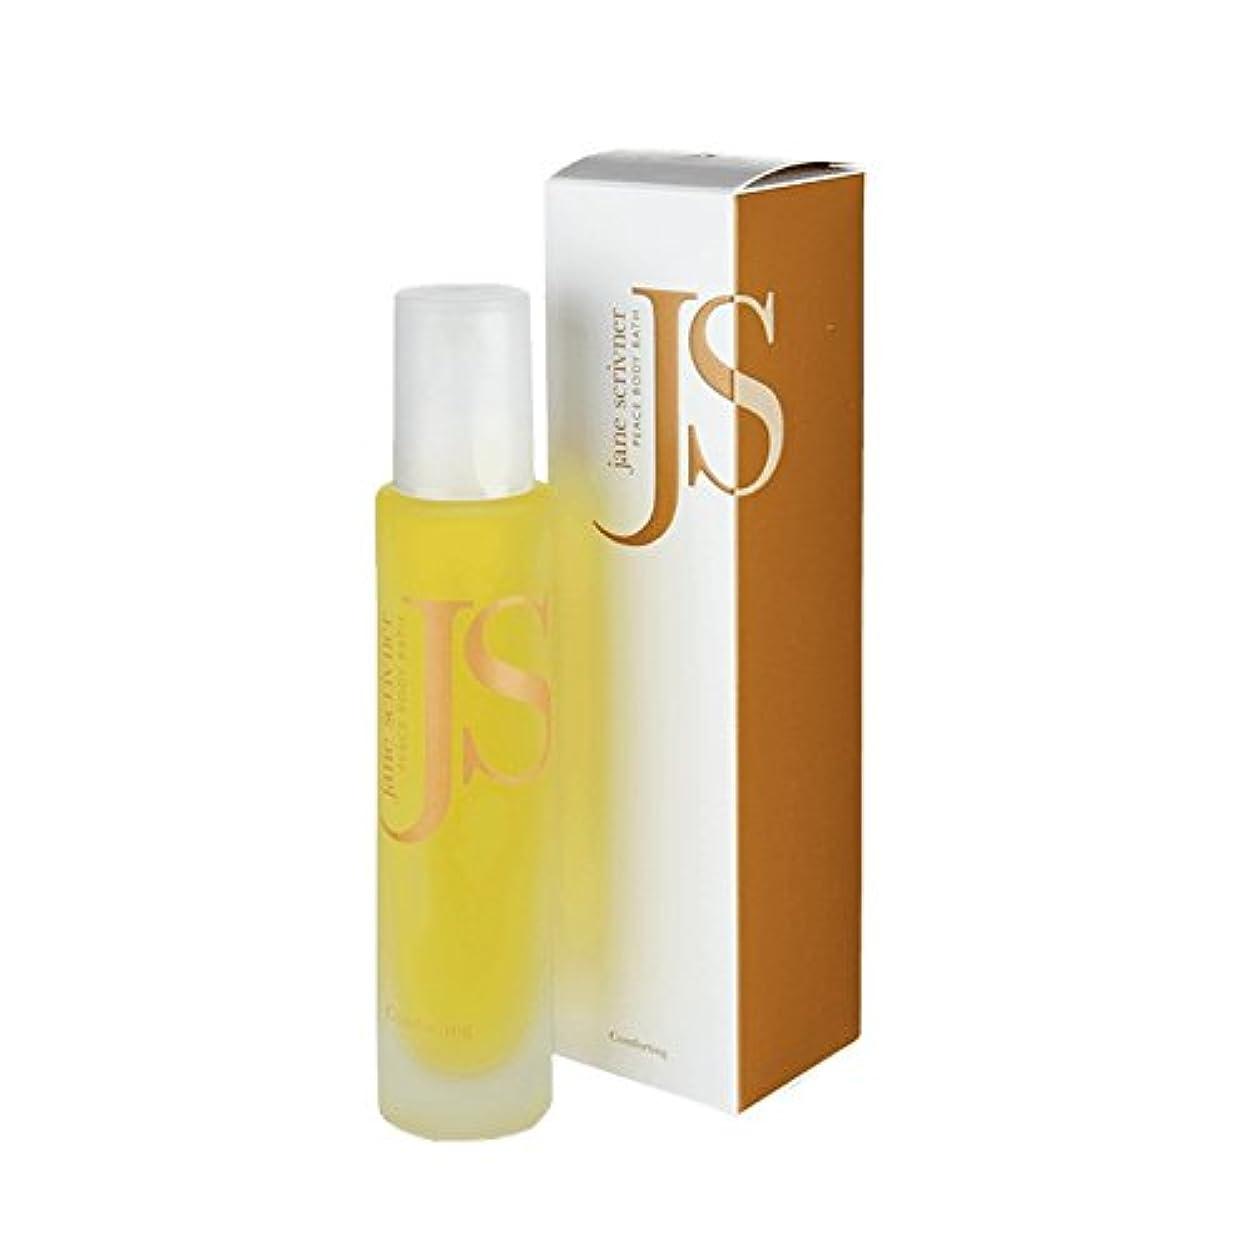 フィードアラスカチャートJane Scrivner Body Bath Oil Peace 100ml (Pack of 2) - ジェーンScrivnerボディバスオイル平和100ミリリットル (x2) [並行輸入品]